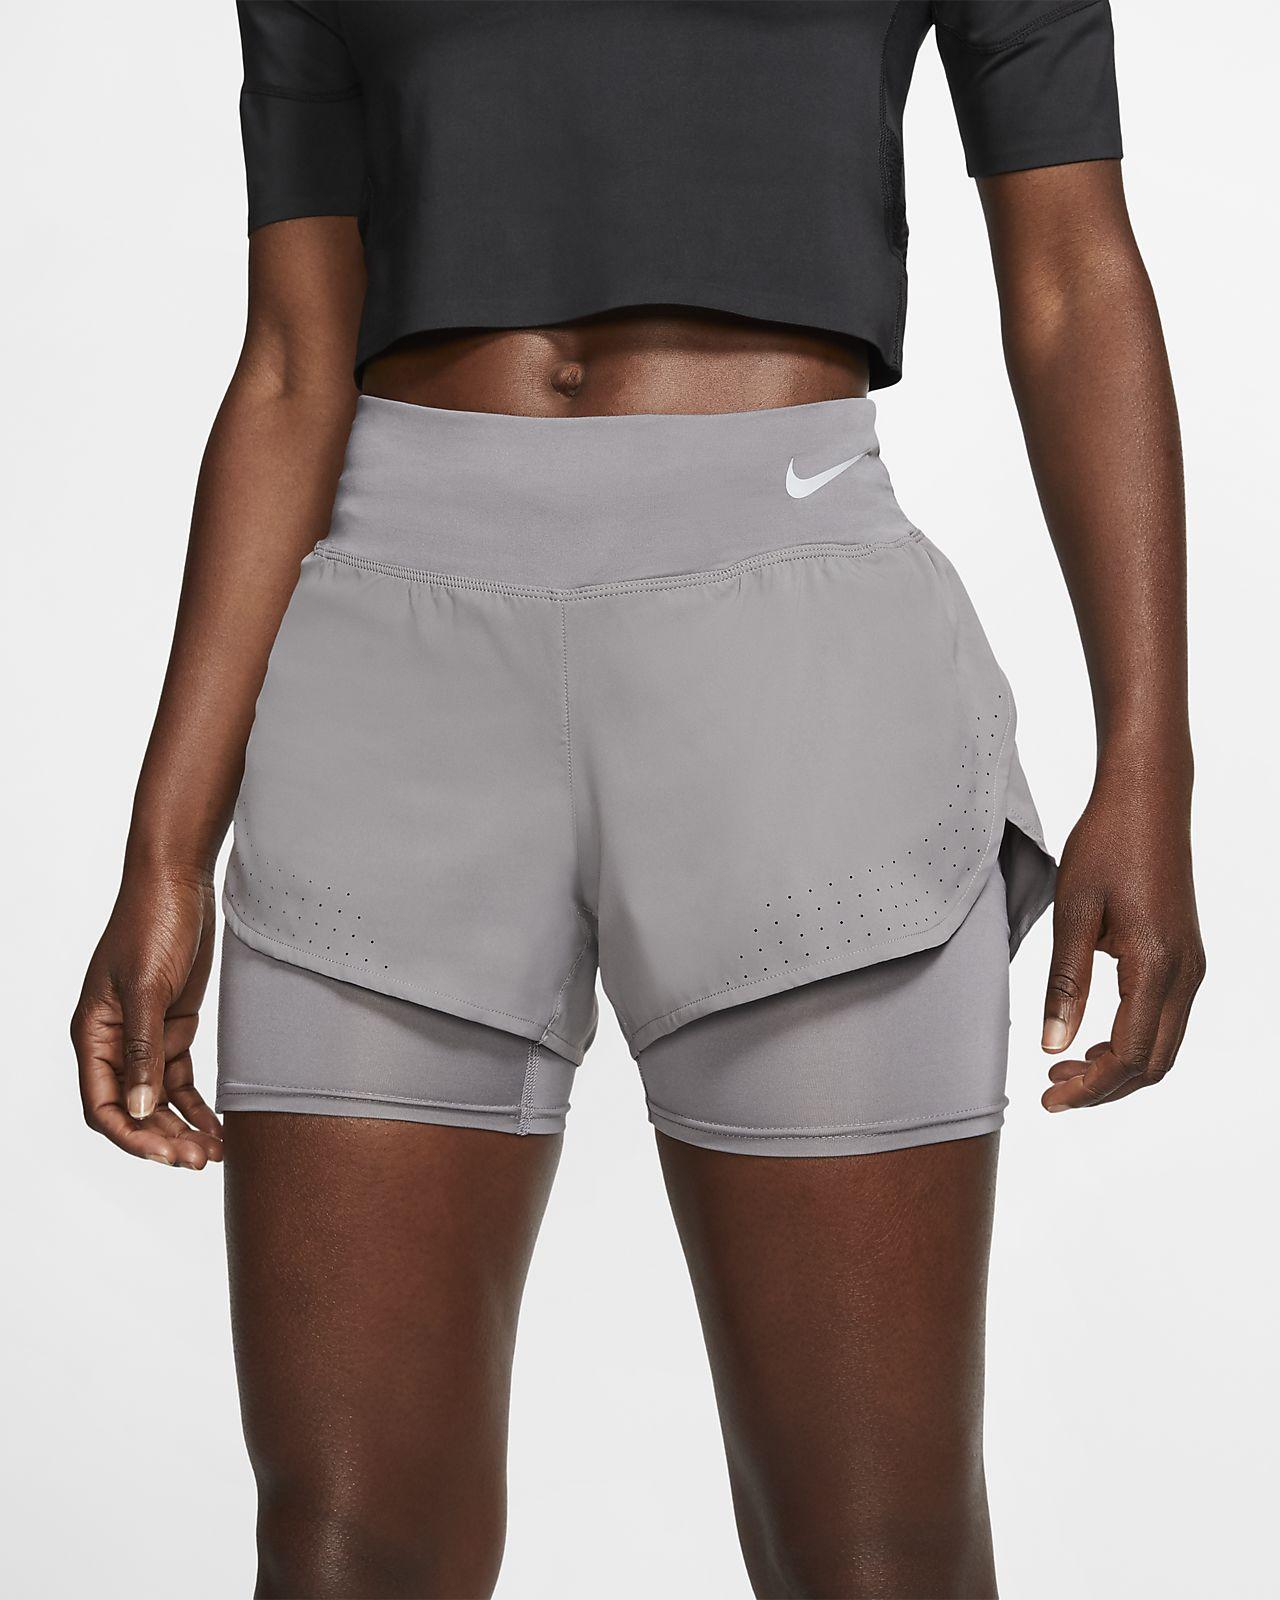 Short de running 2-en-1 Nike Eclipse pour Femme